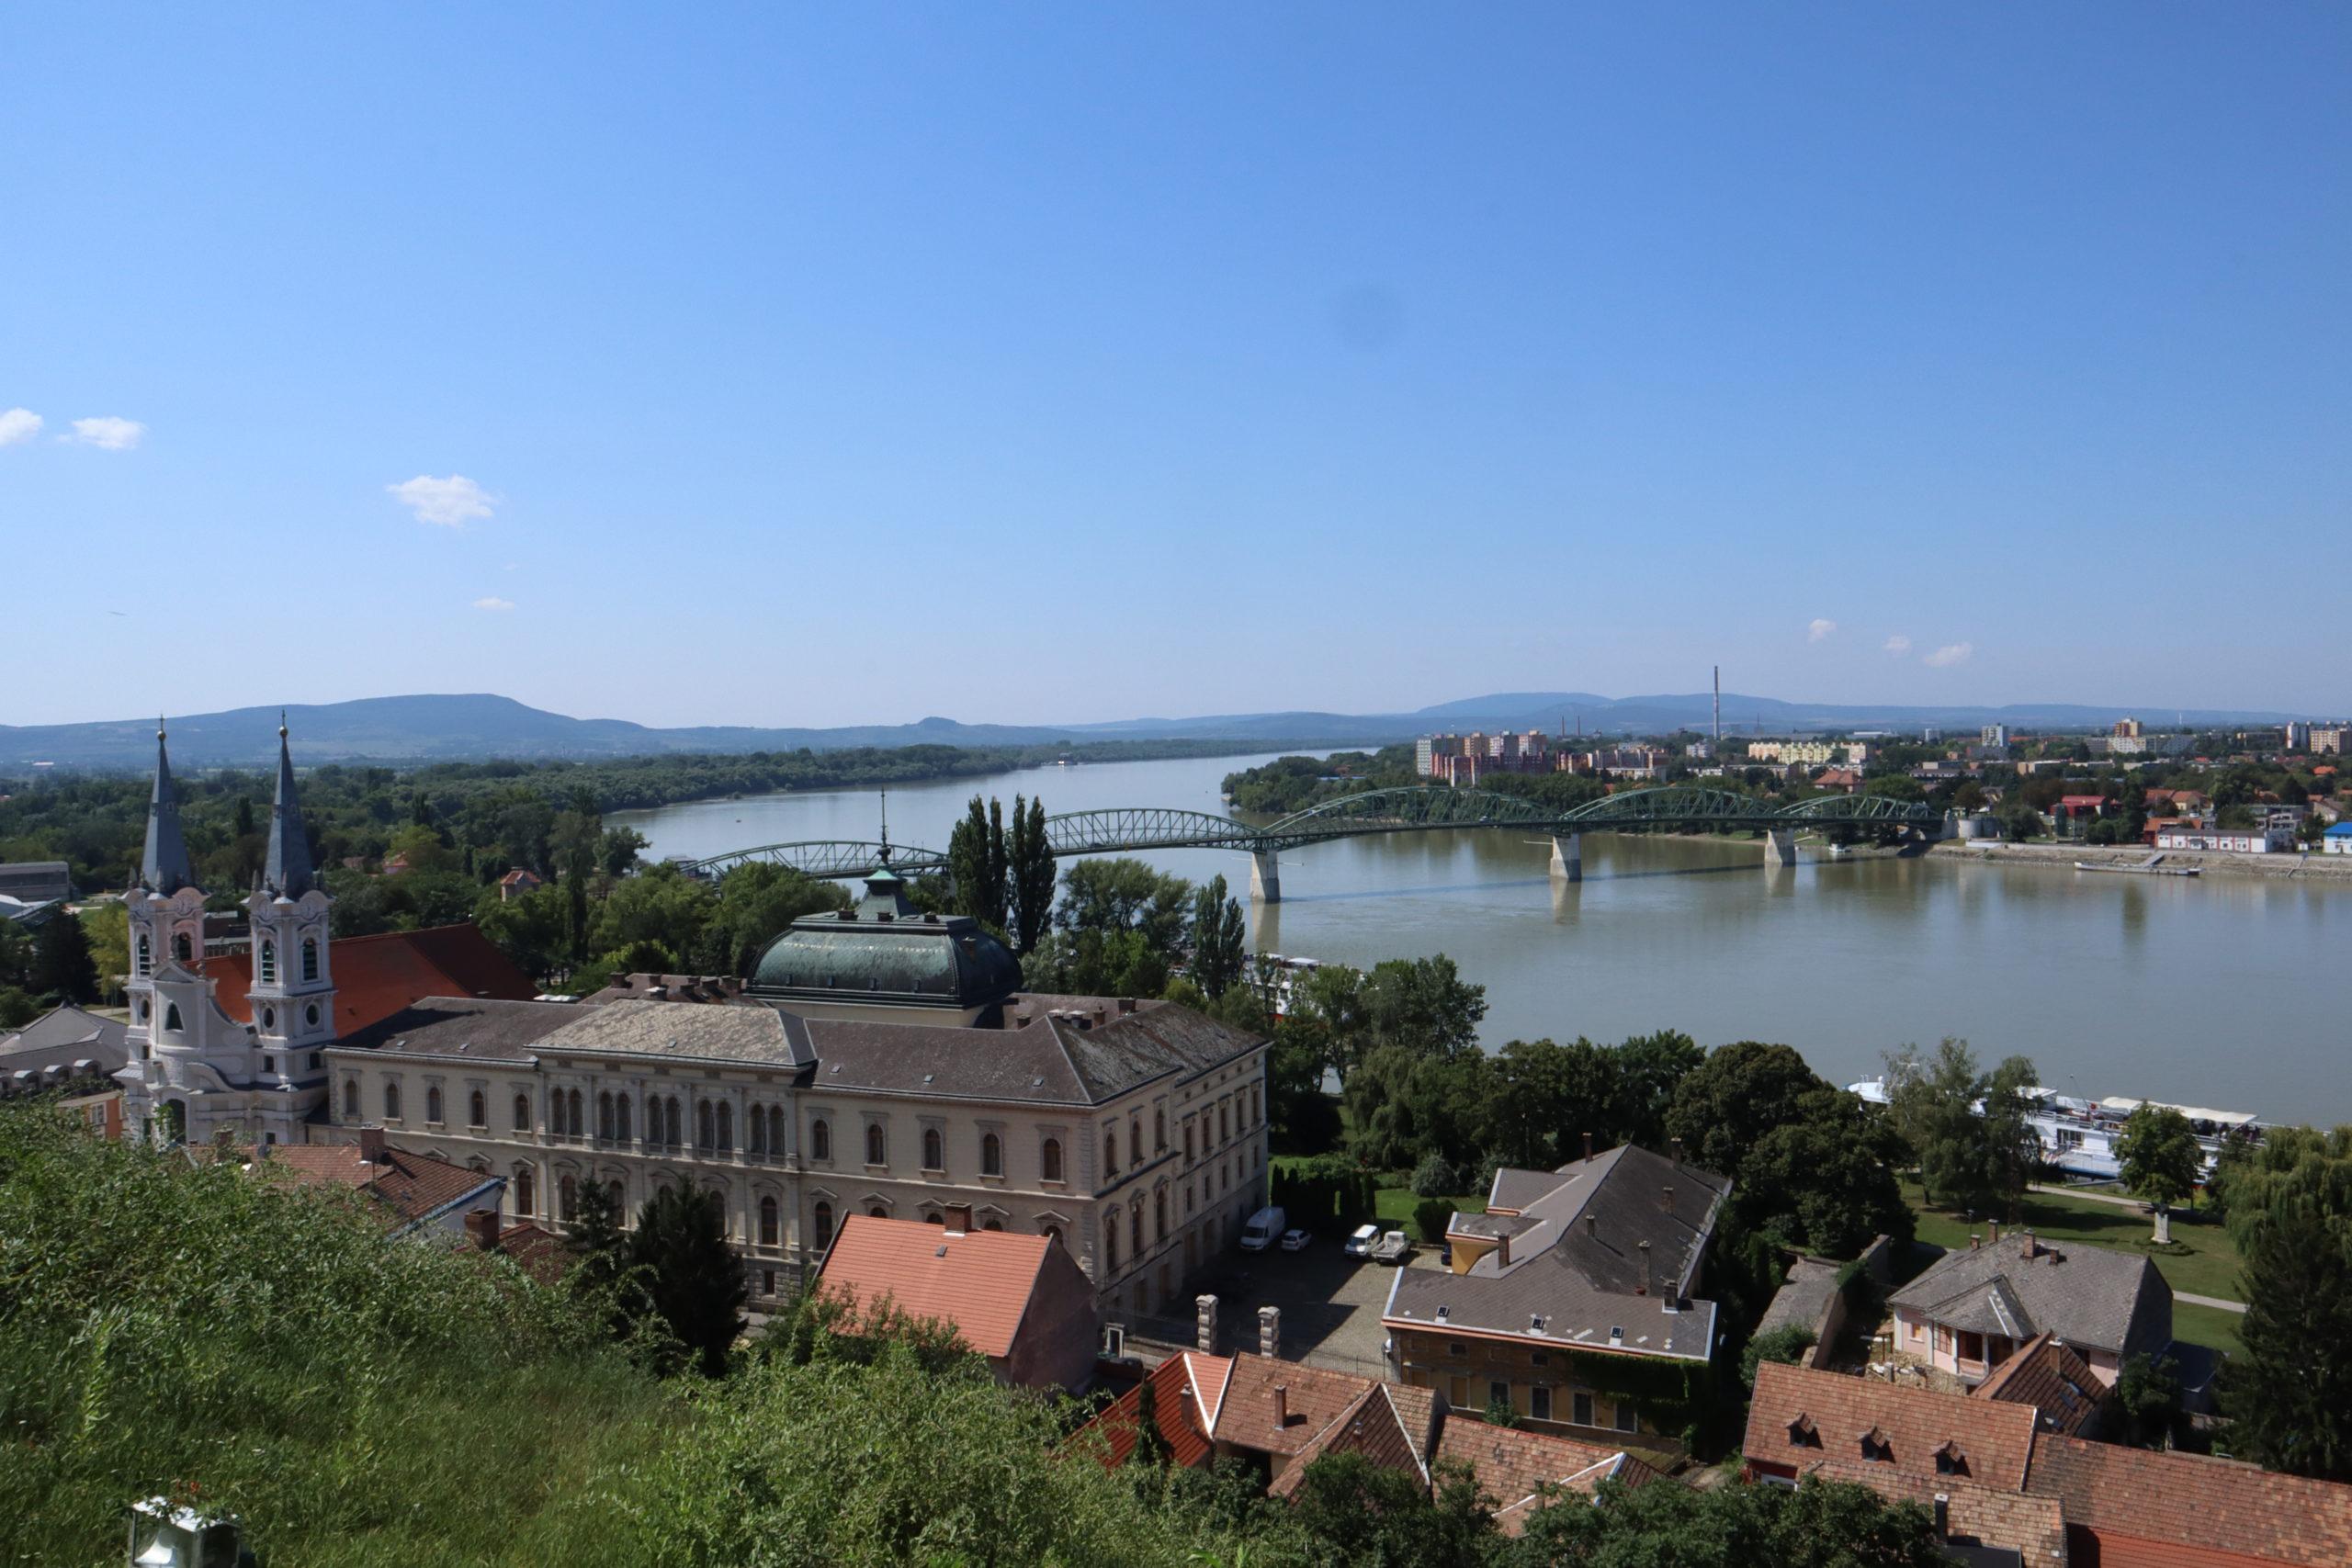 puente-Esztergom-Eslovaquia-Hungría